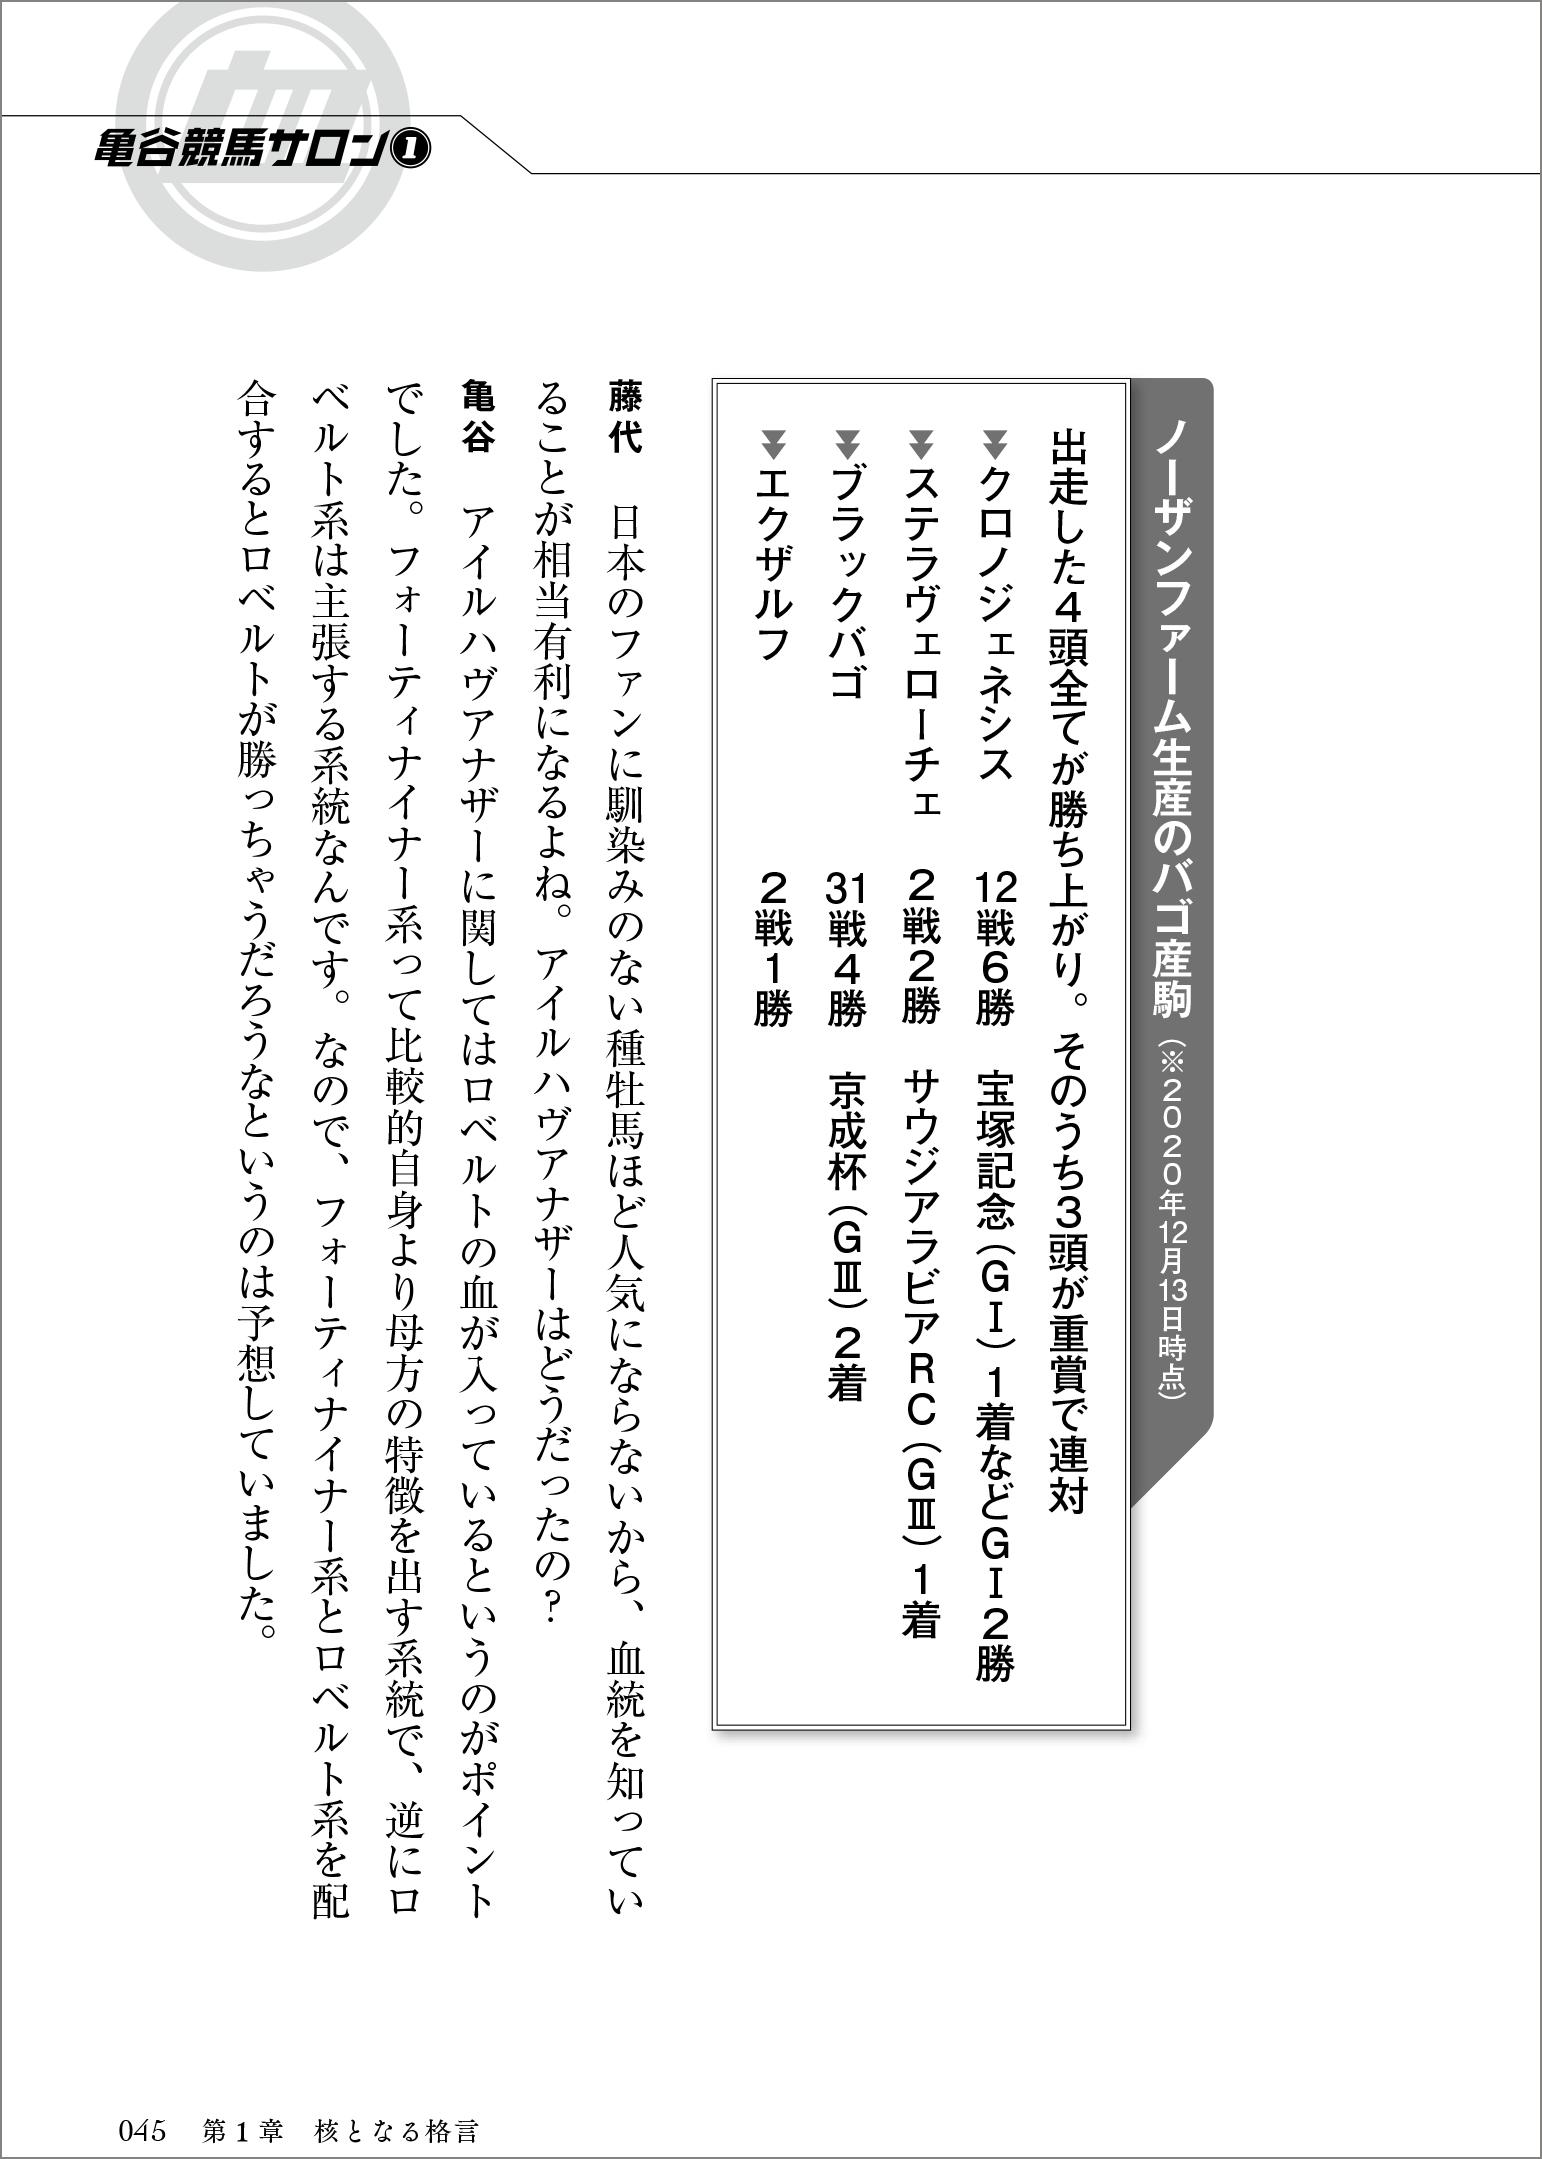 馬券格言_p.45